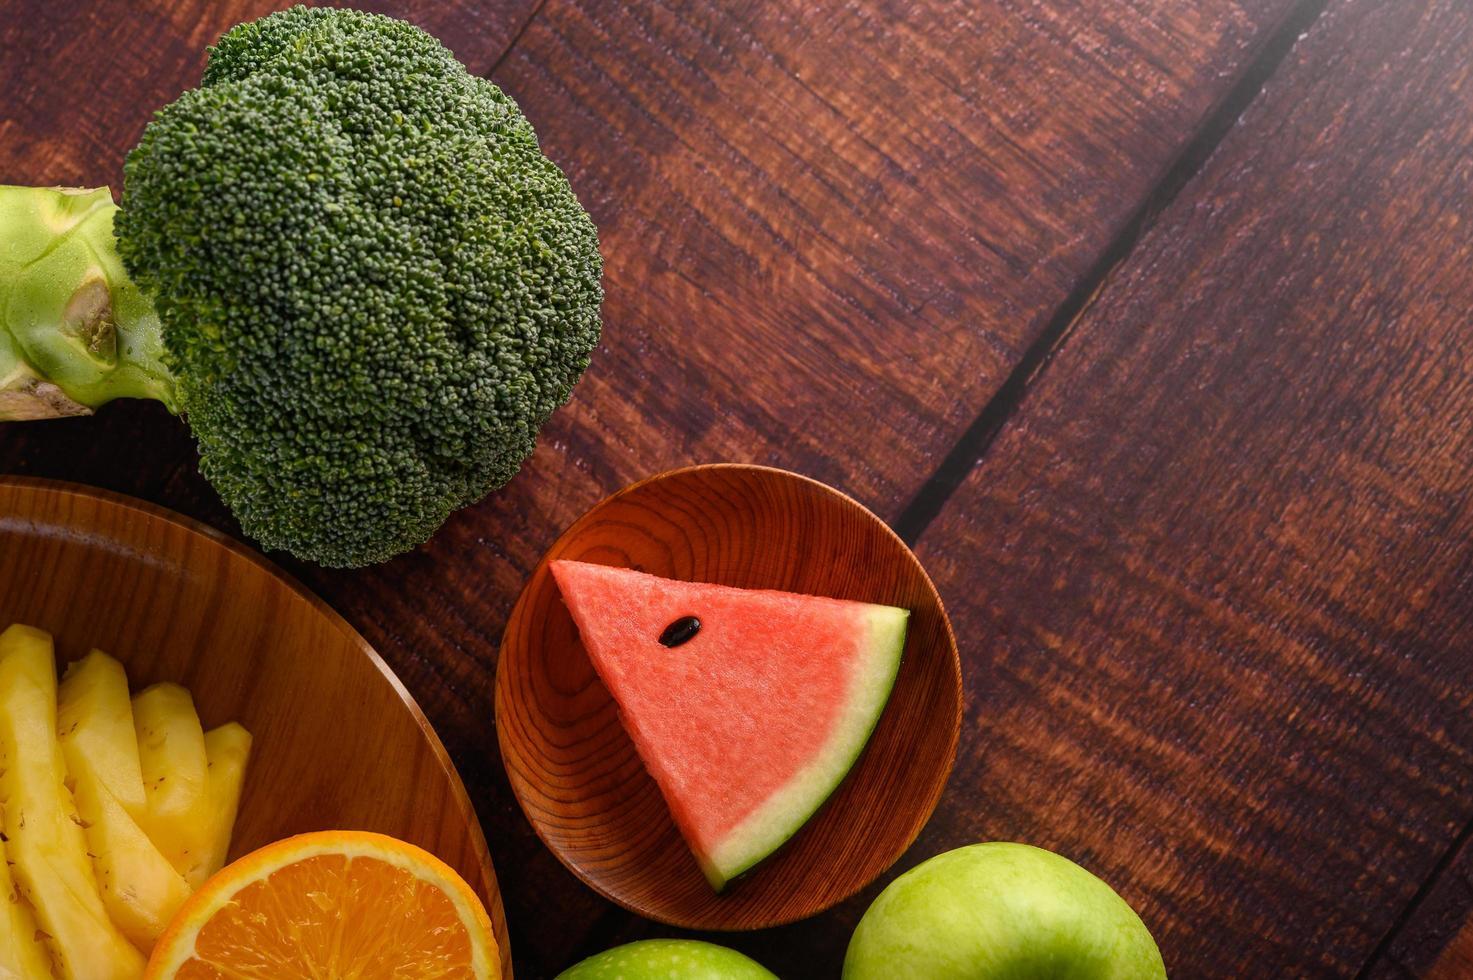 Wassermelonen, Orangen und Ananas mit Äpfeln und Brokkoli schneiden foto